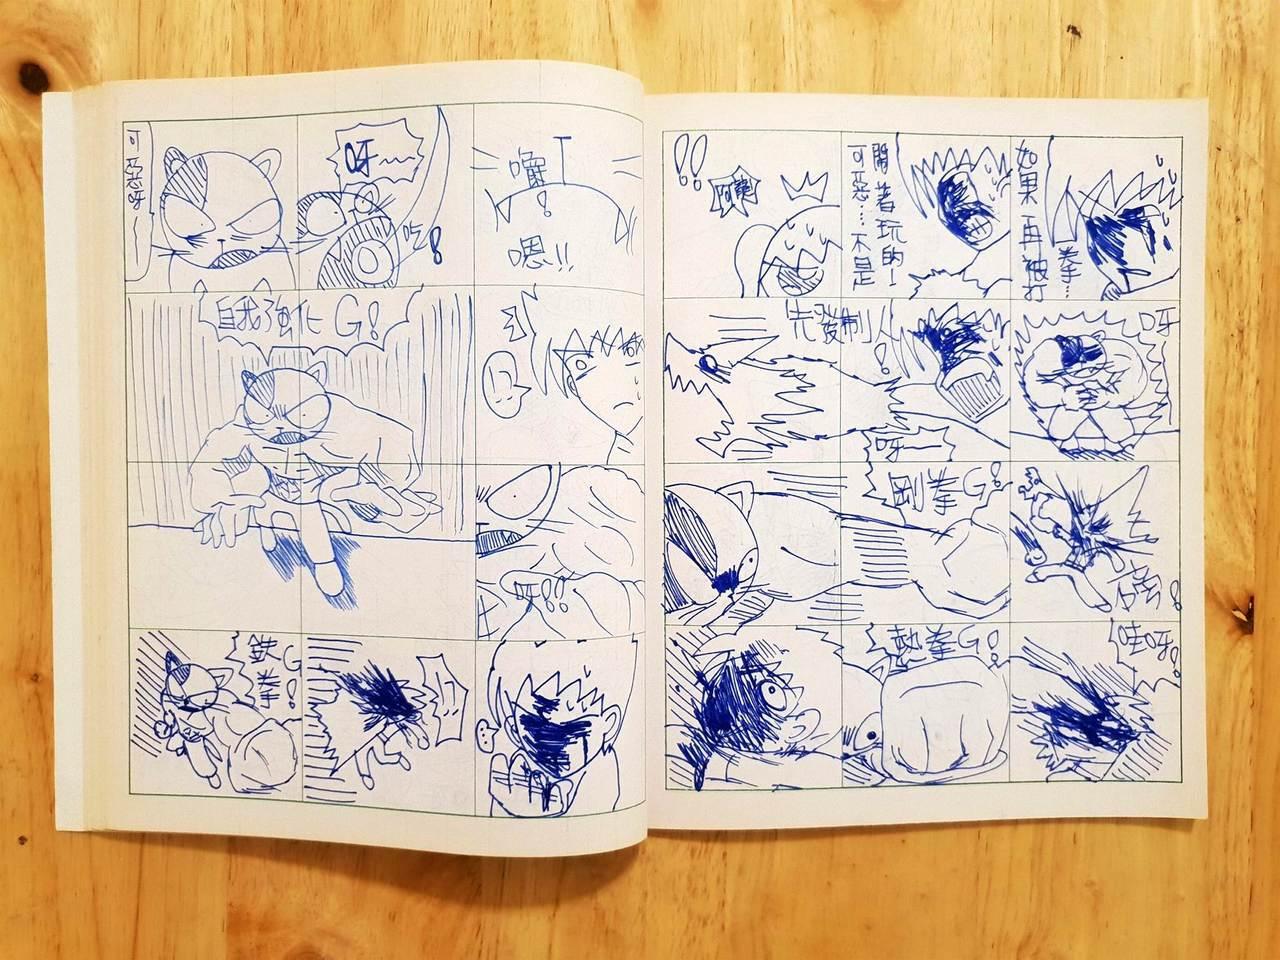 黃色書刊學生時期,以數學作業簿,作為漫畫分鏡腳本創作。(圖/黃色書刊 文/聯合數...